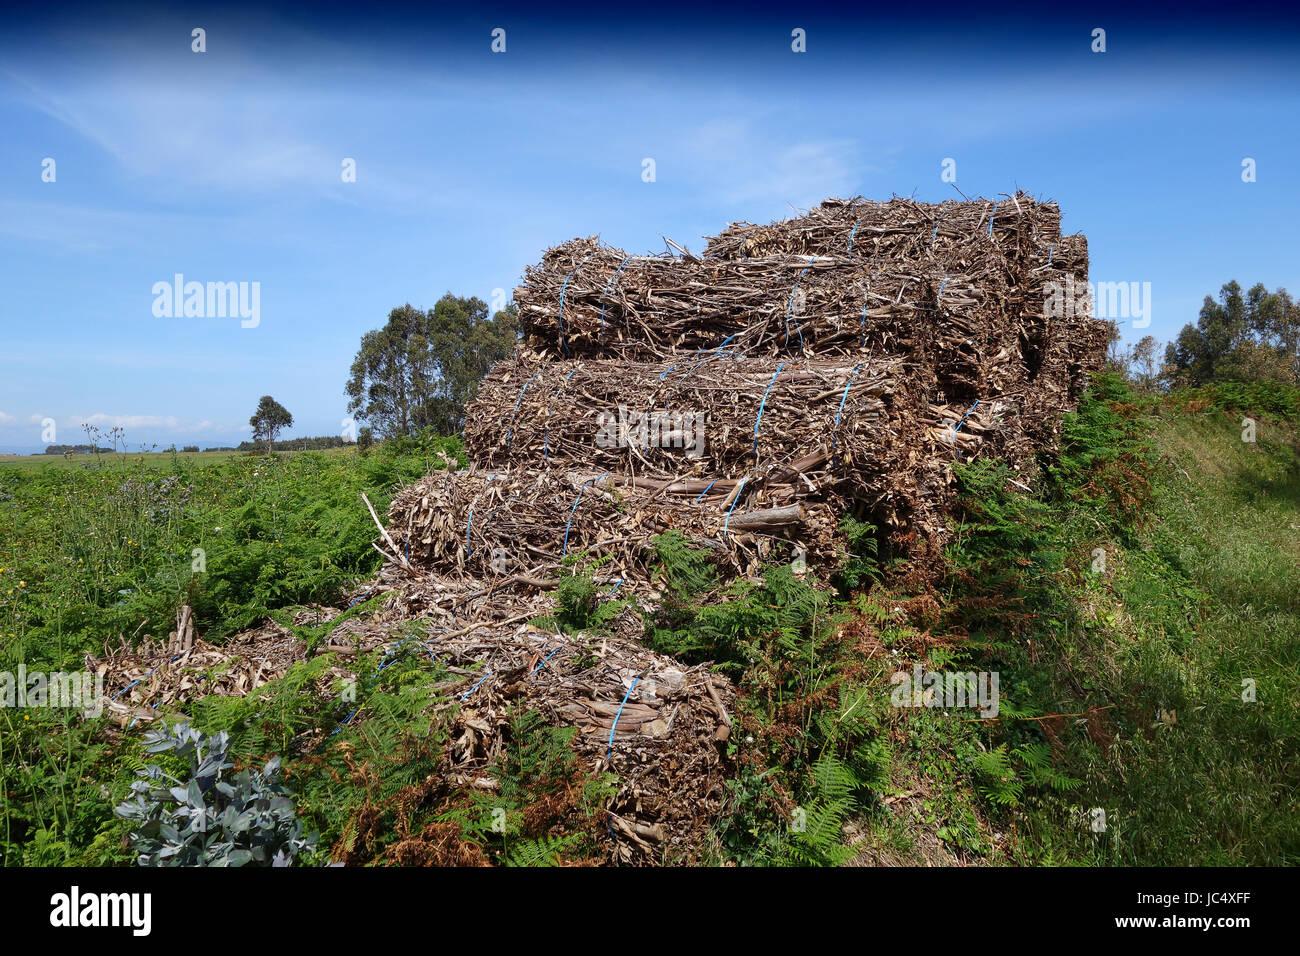 Harvesting eucalyptus trees at Ribadeo in Asturias northern Spain - Stock Image